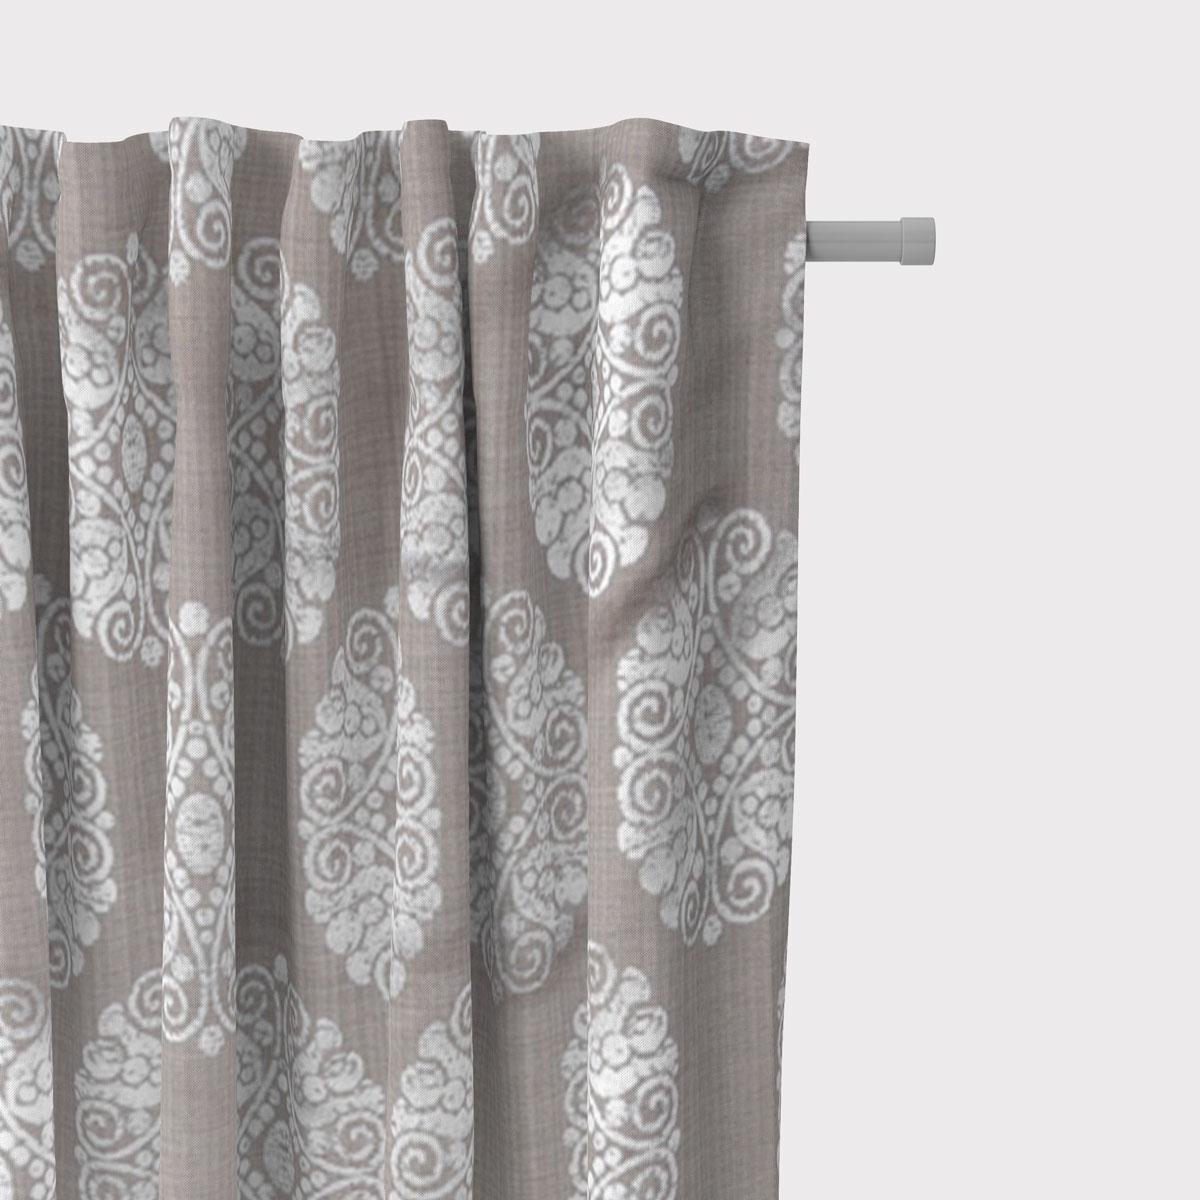 SCHÖNER LEBEN. Vorhang Vorhangschal mit Smok-Schlaufenband Adagio Ornament Metallicprint 245cm oder Wunschlänge